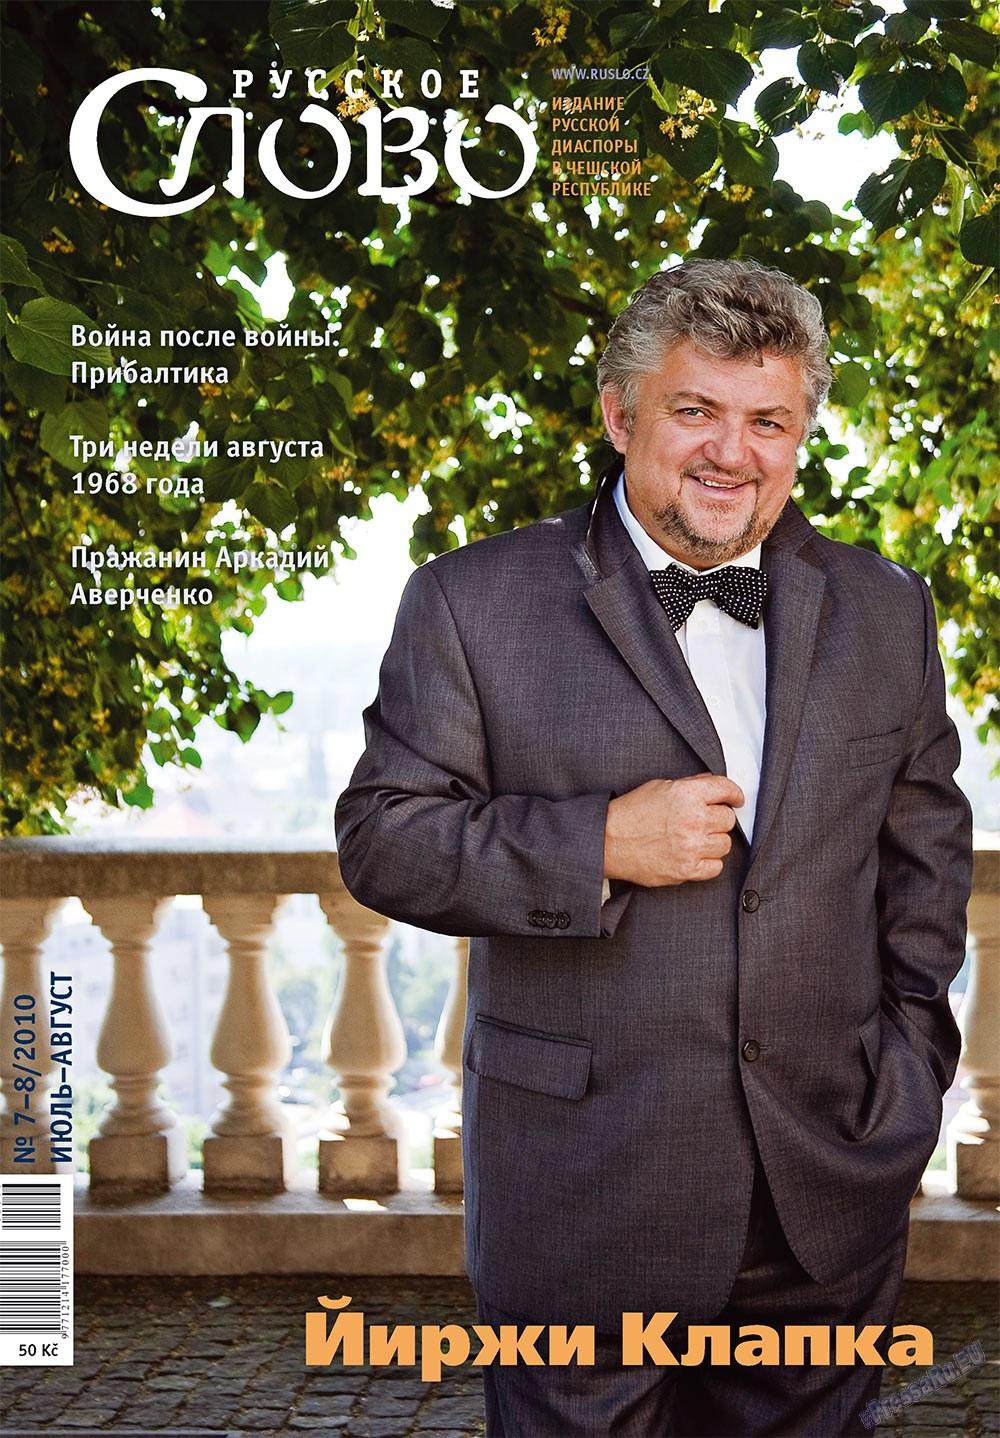 Русское слово (журнал). 2010 год, номер 7, стр. 1